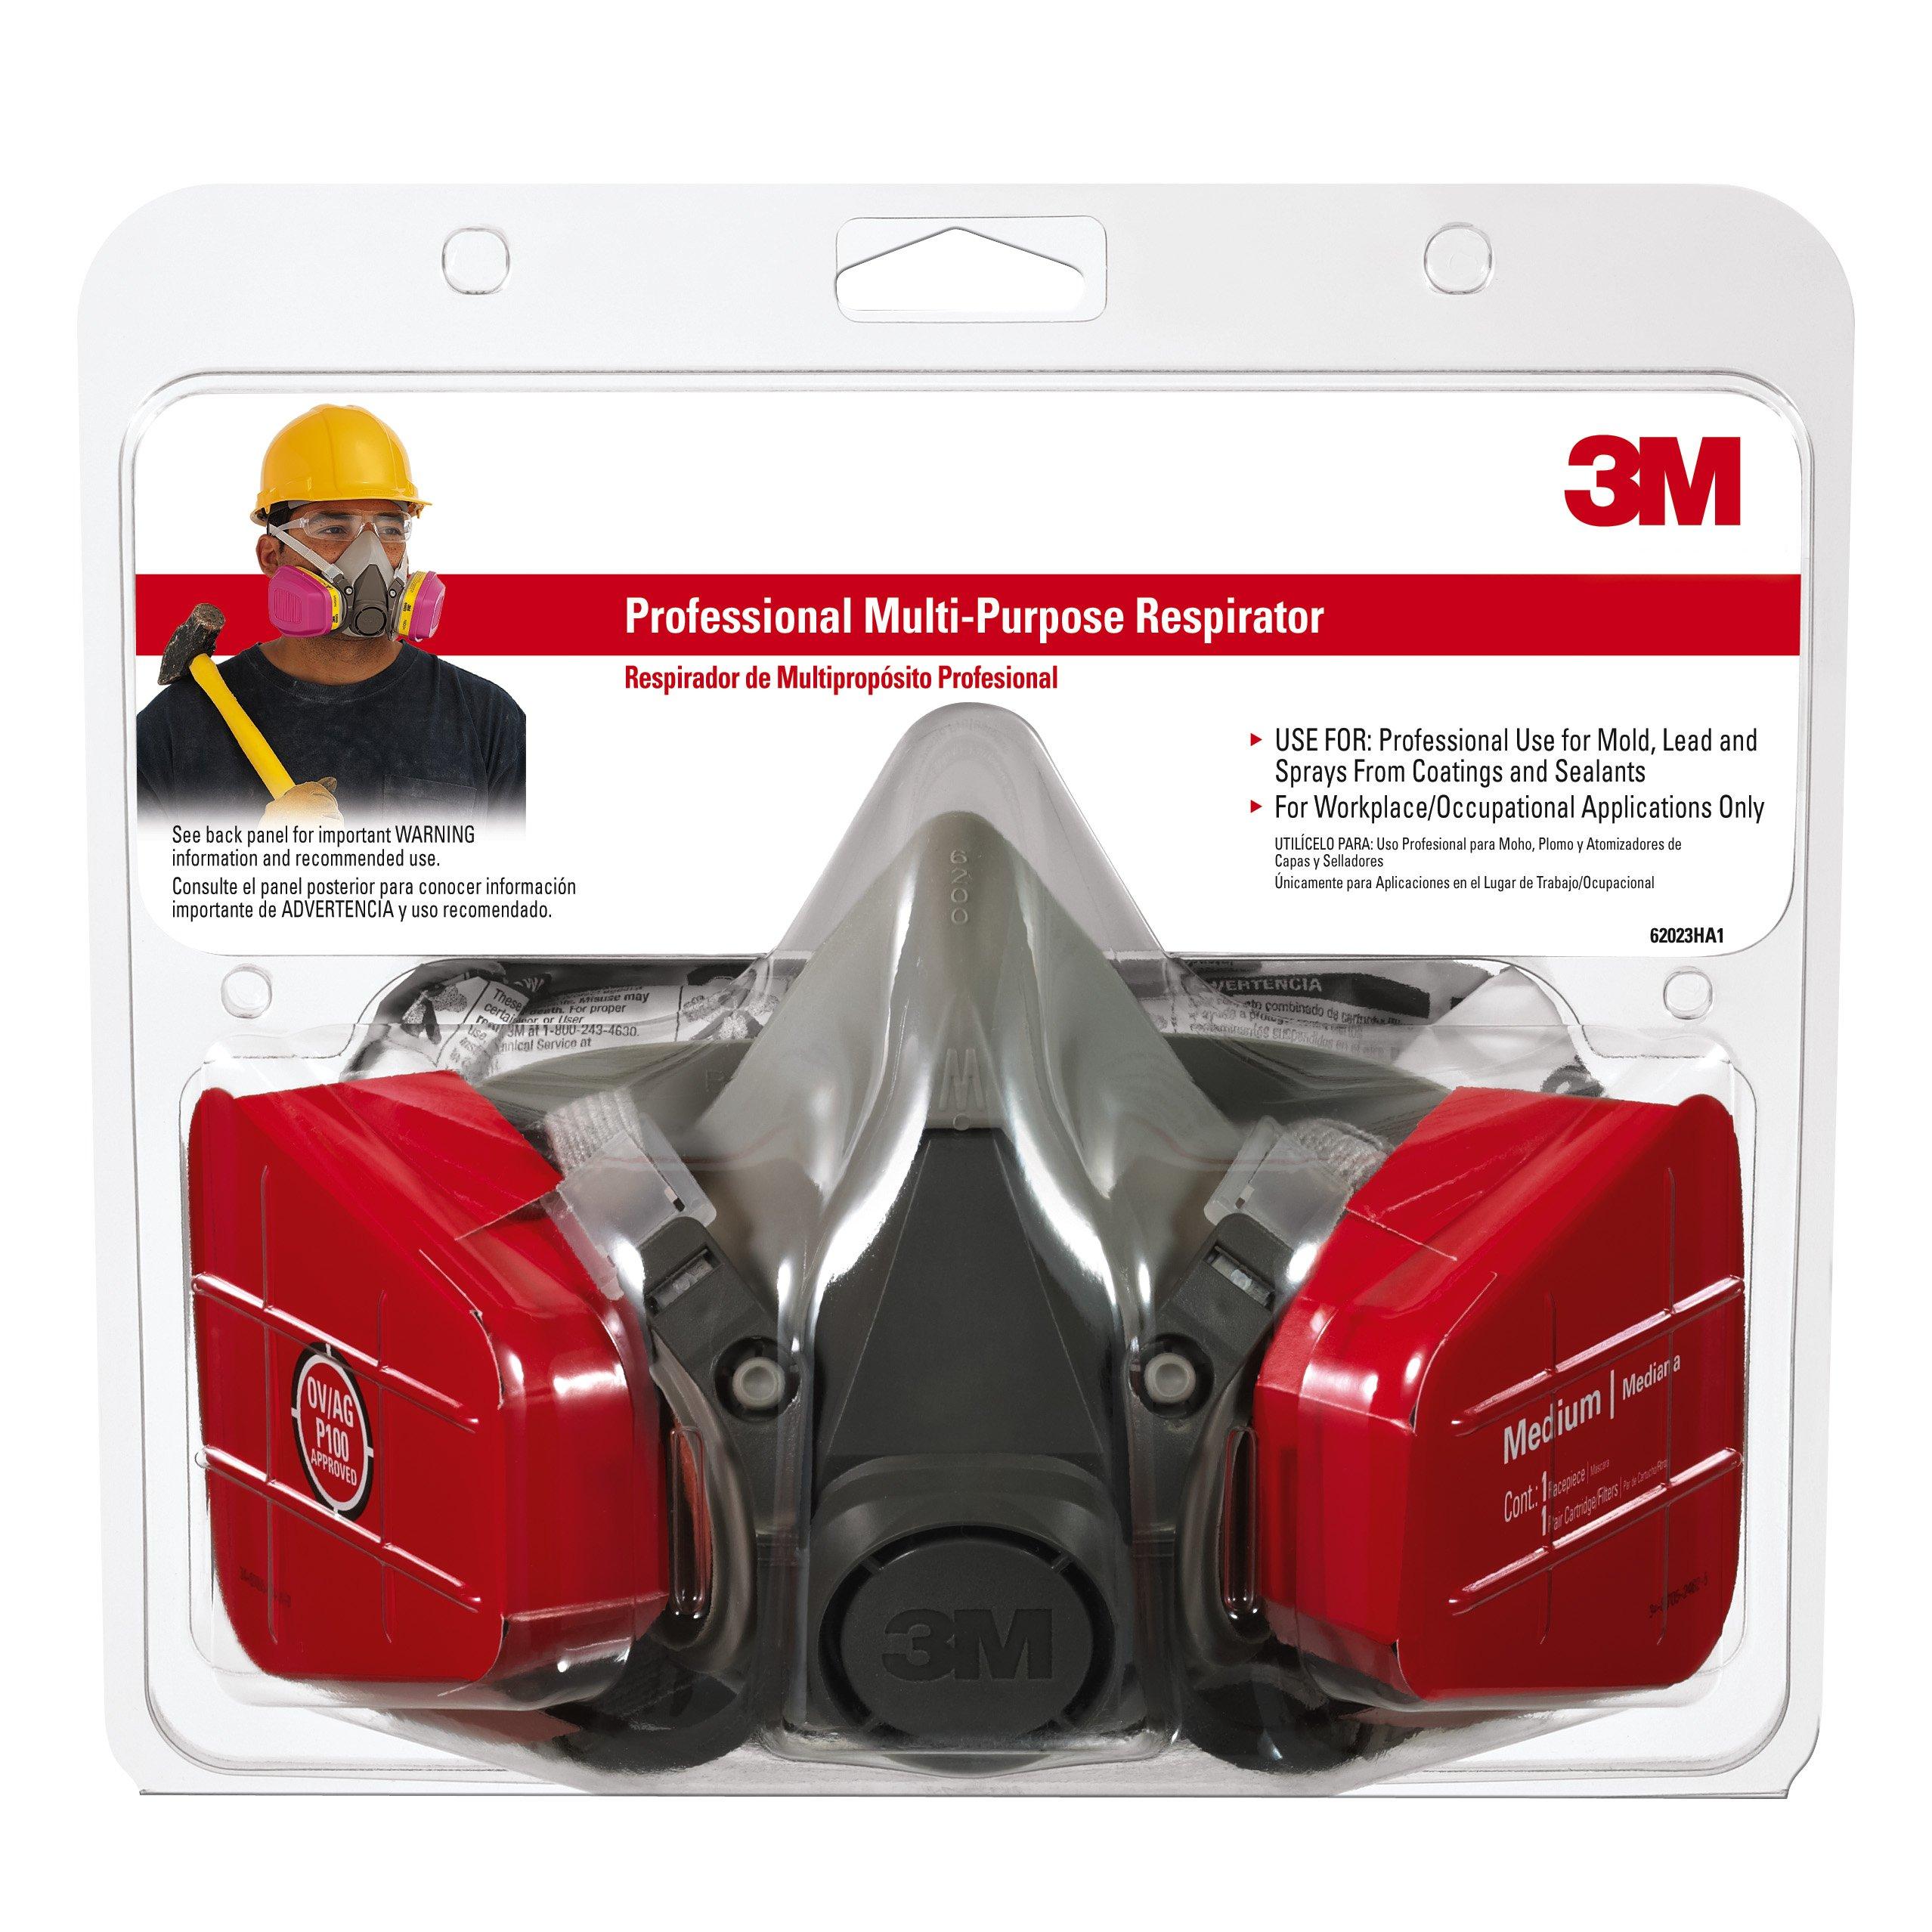 3M 62023HA1-C Professional Multi-Purpose Respirator, Medium by 3M